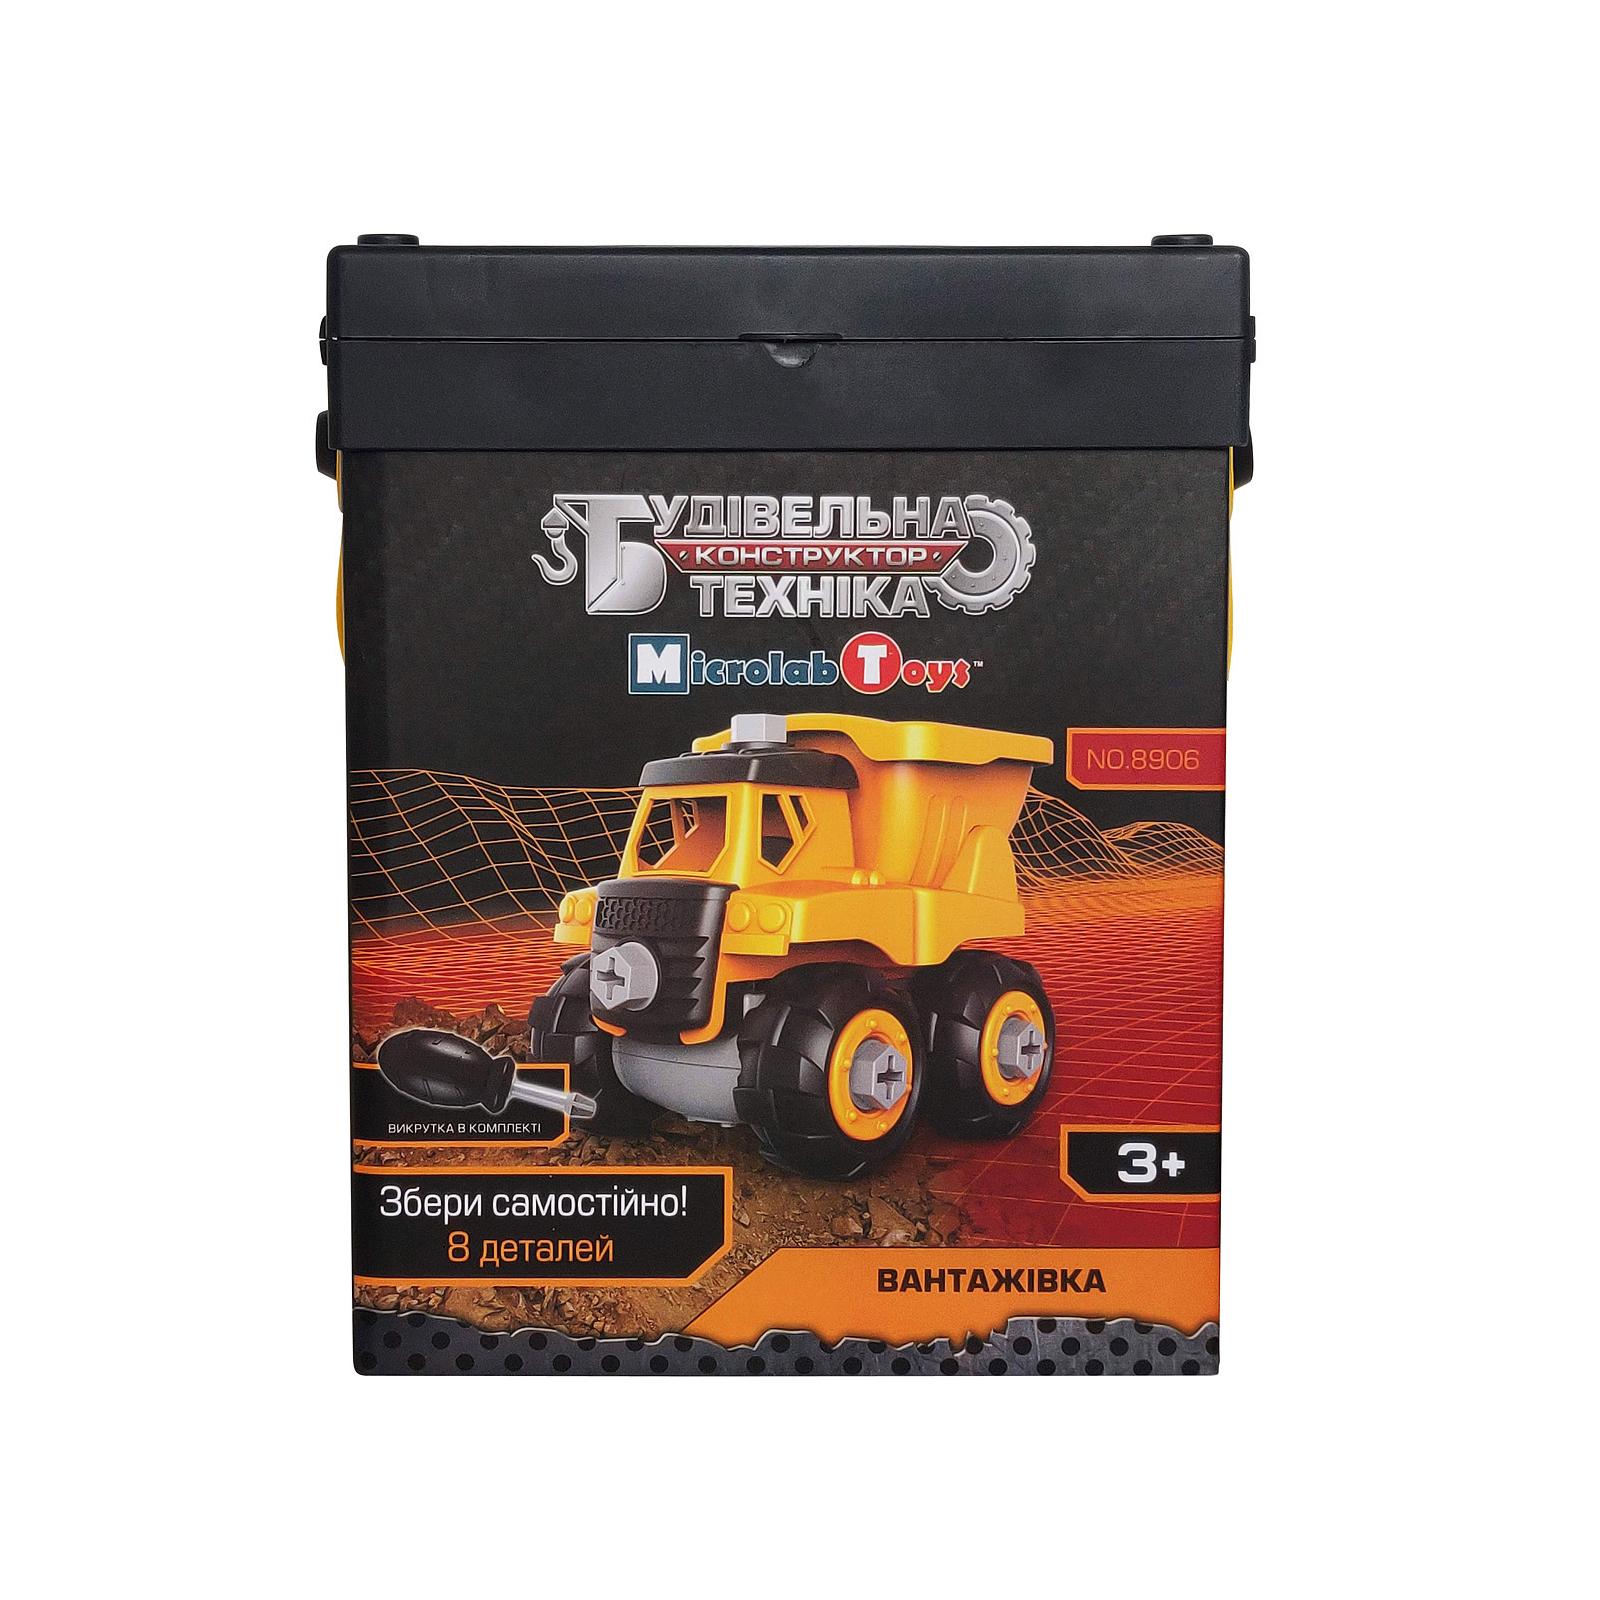 Конструктор Microlab Toys Строительная техника - грузовик (MT8906) изображение 2